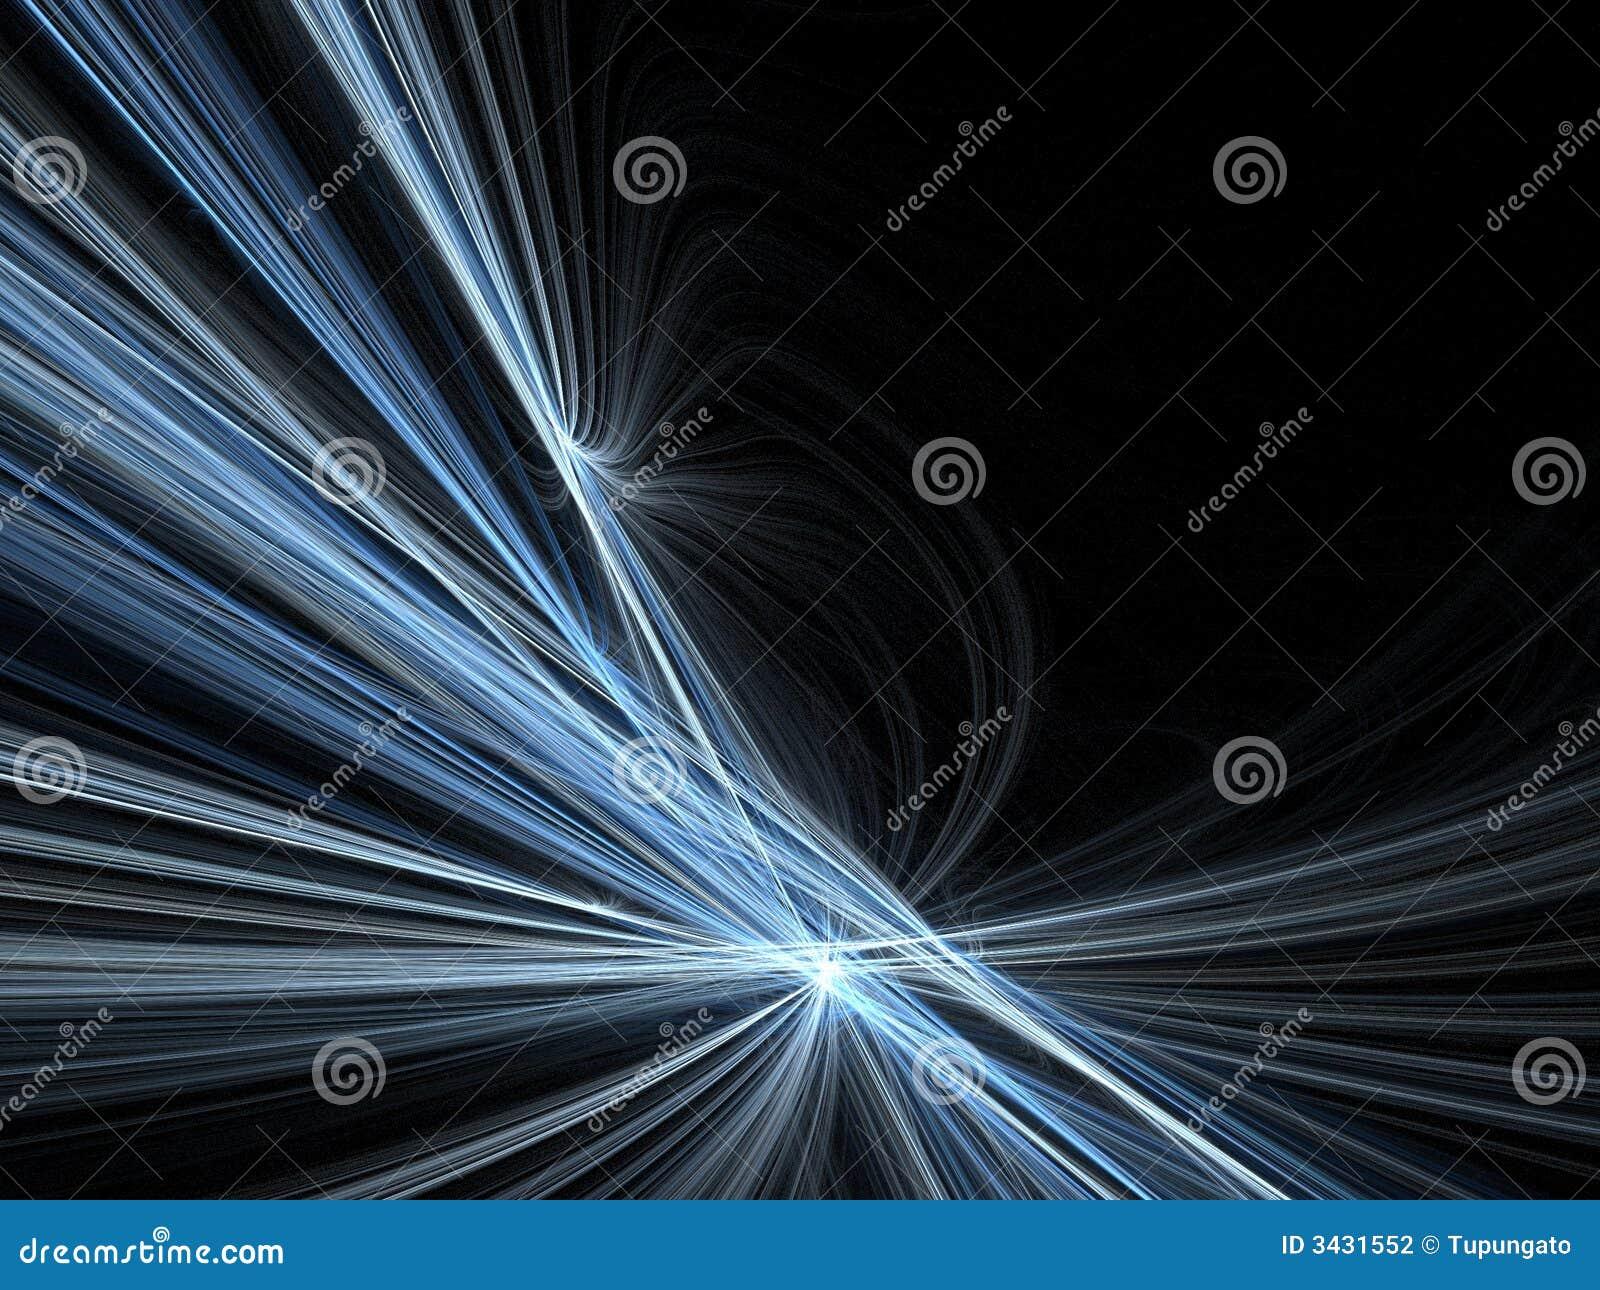 13c2046a0e Falta De Definición De Movimiento De La Velocidad En Noche Stock de ...